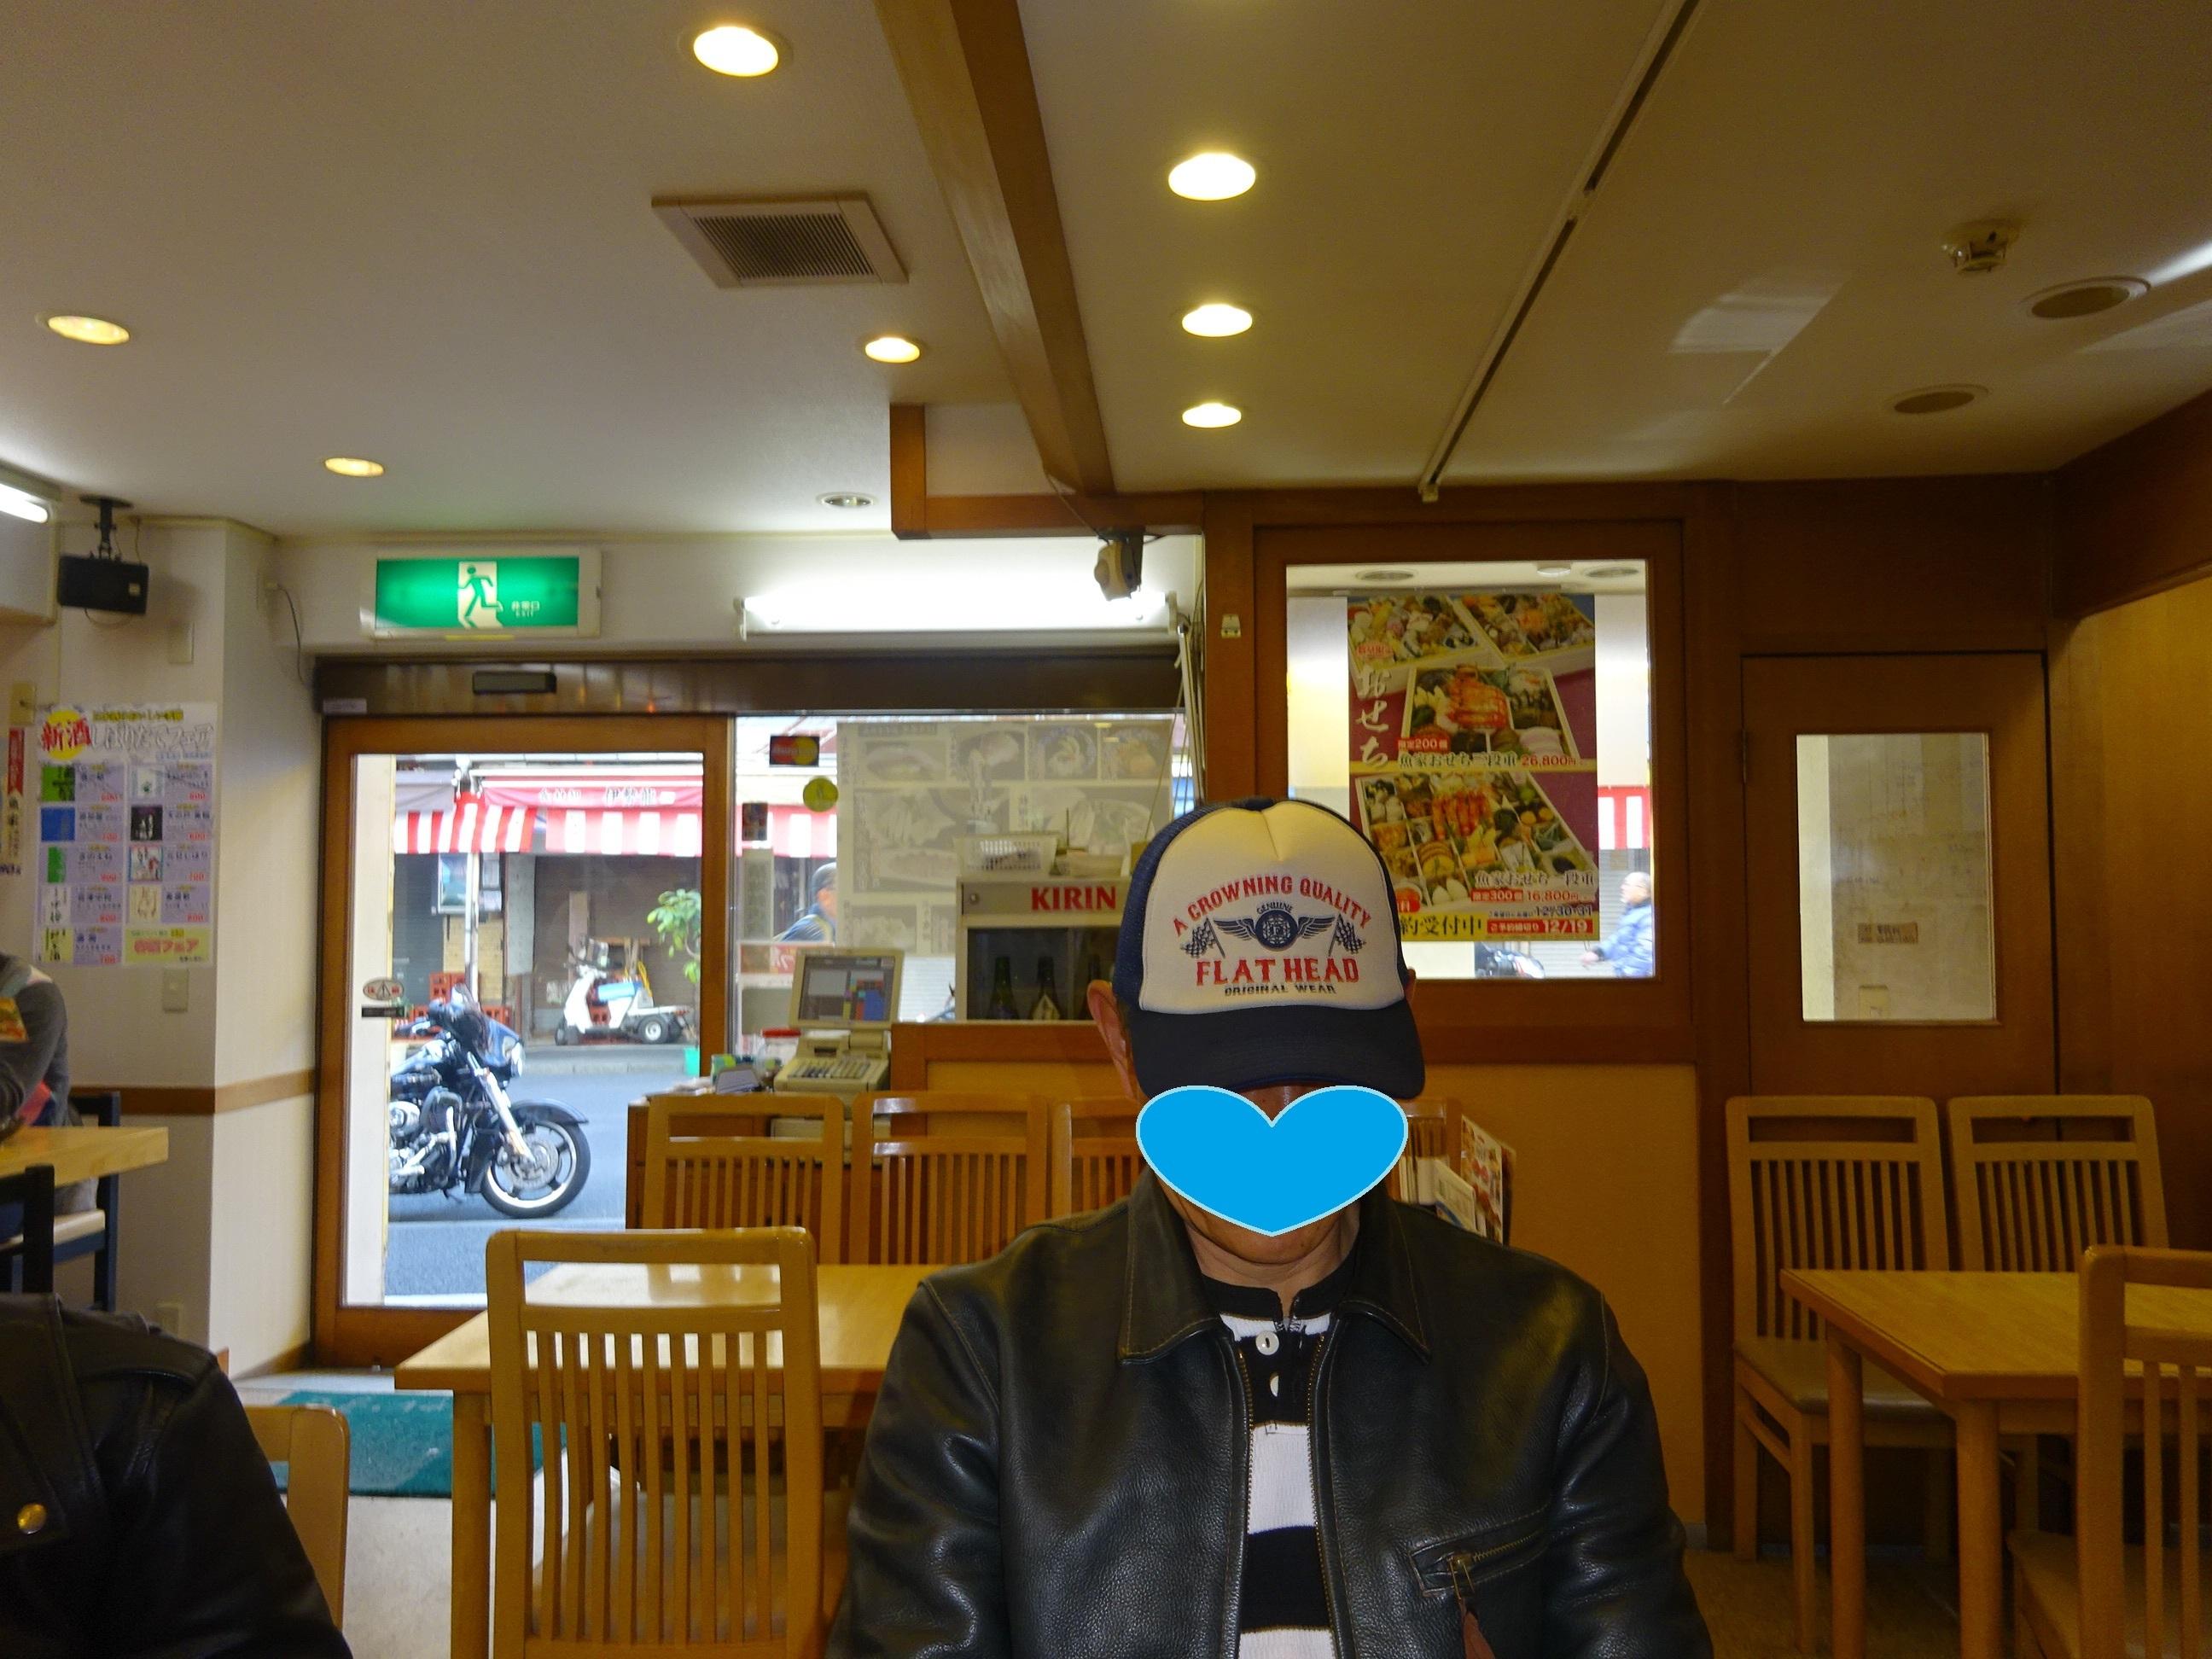 149_20161220190836167.jpg